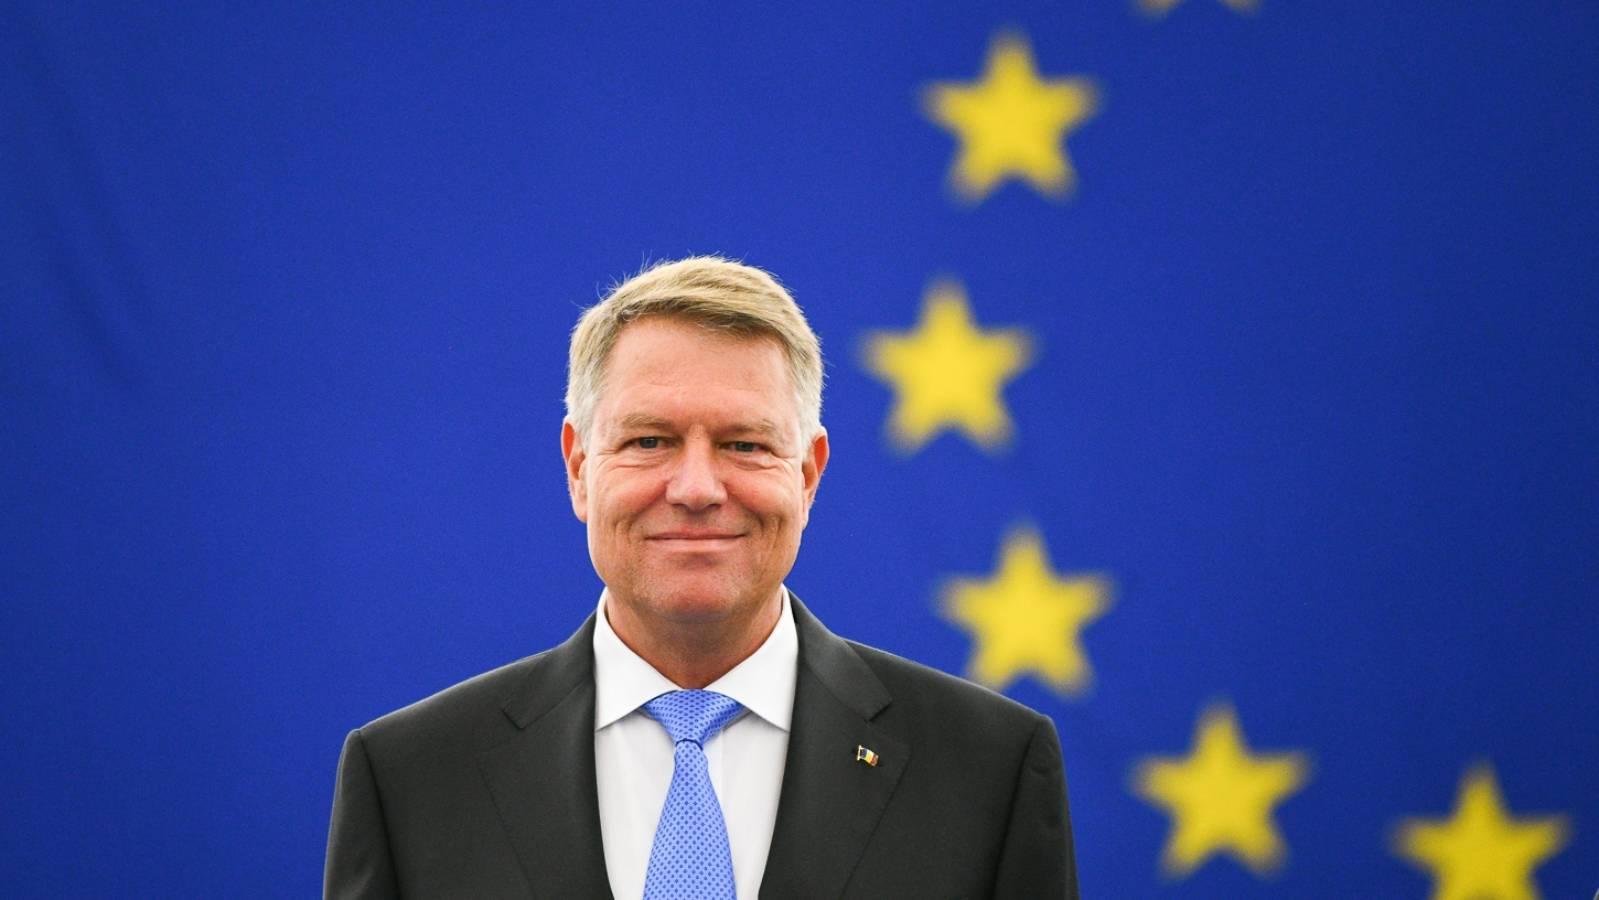 Klaus Iohannis Legea 5G a fost Promulgata Astazi